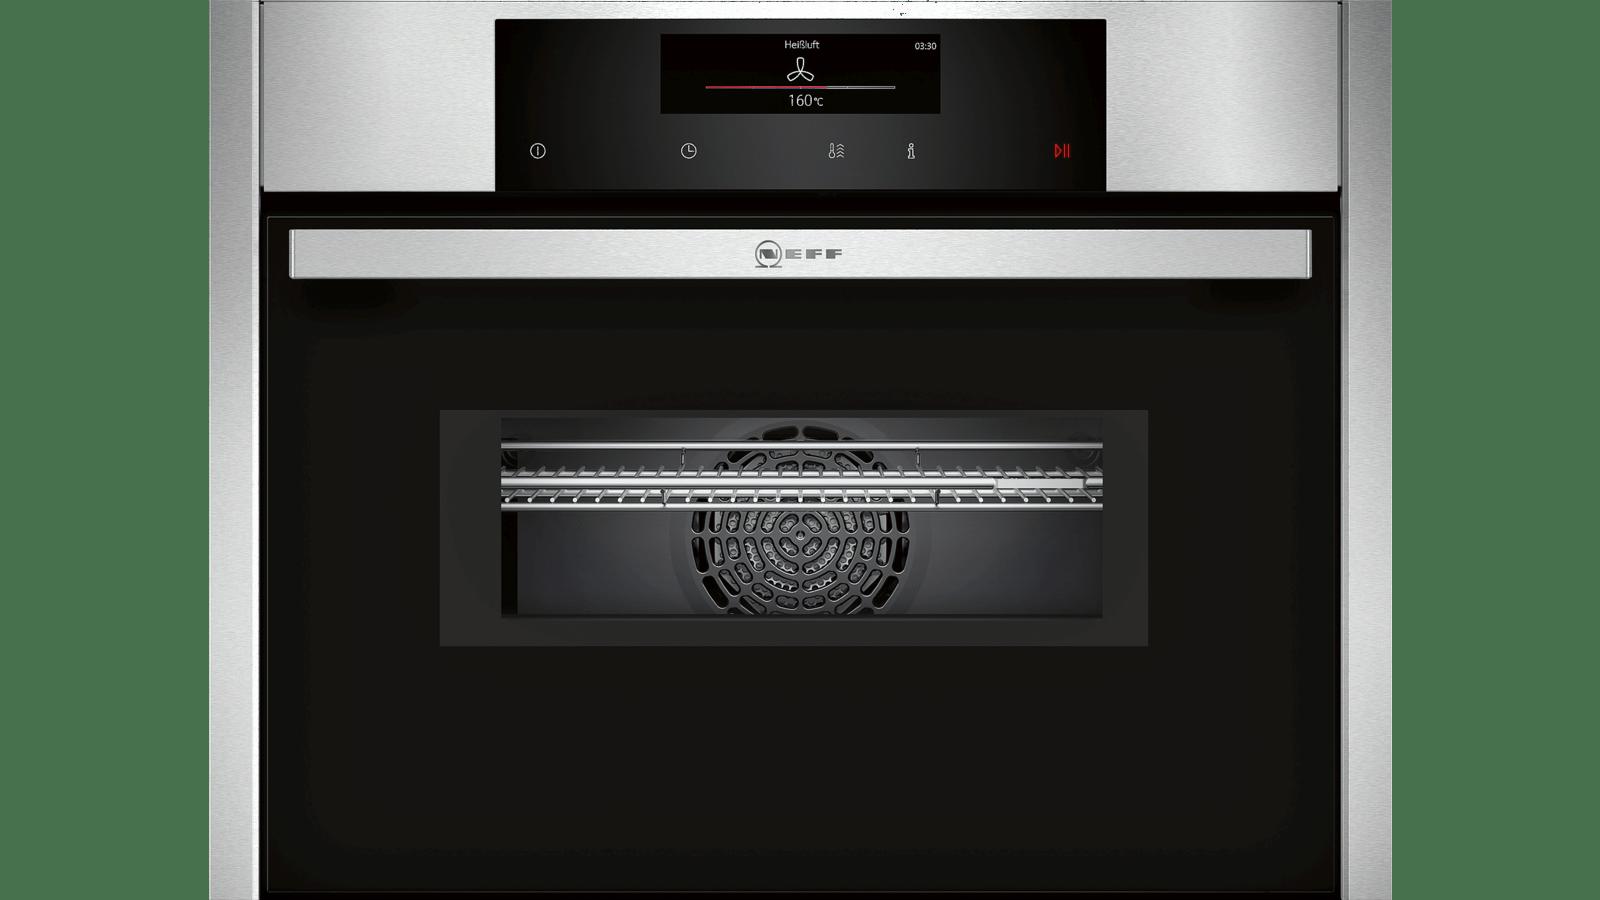 Hotte Avec Micro Onde Intégré n 90 four combi micro-ondes encastrable compact inox c26mt23n0